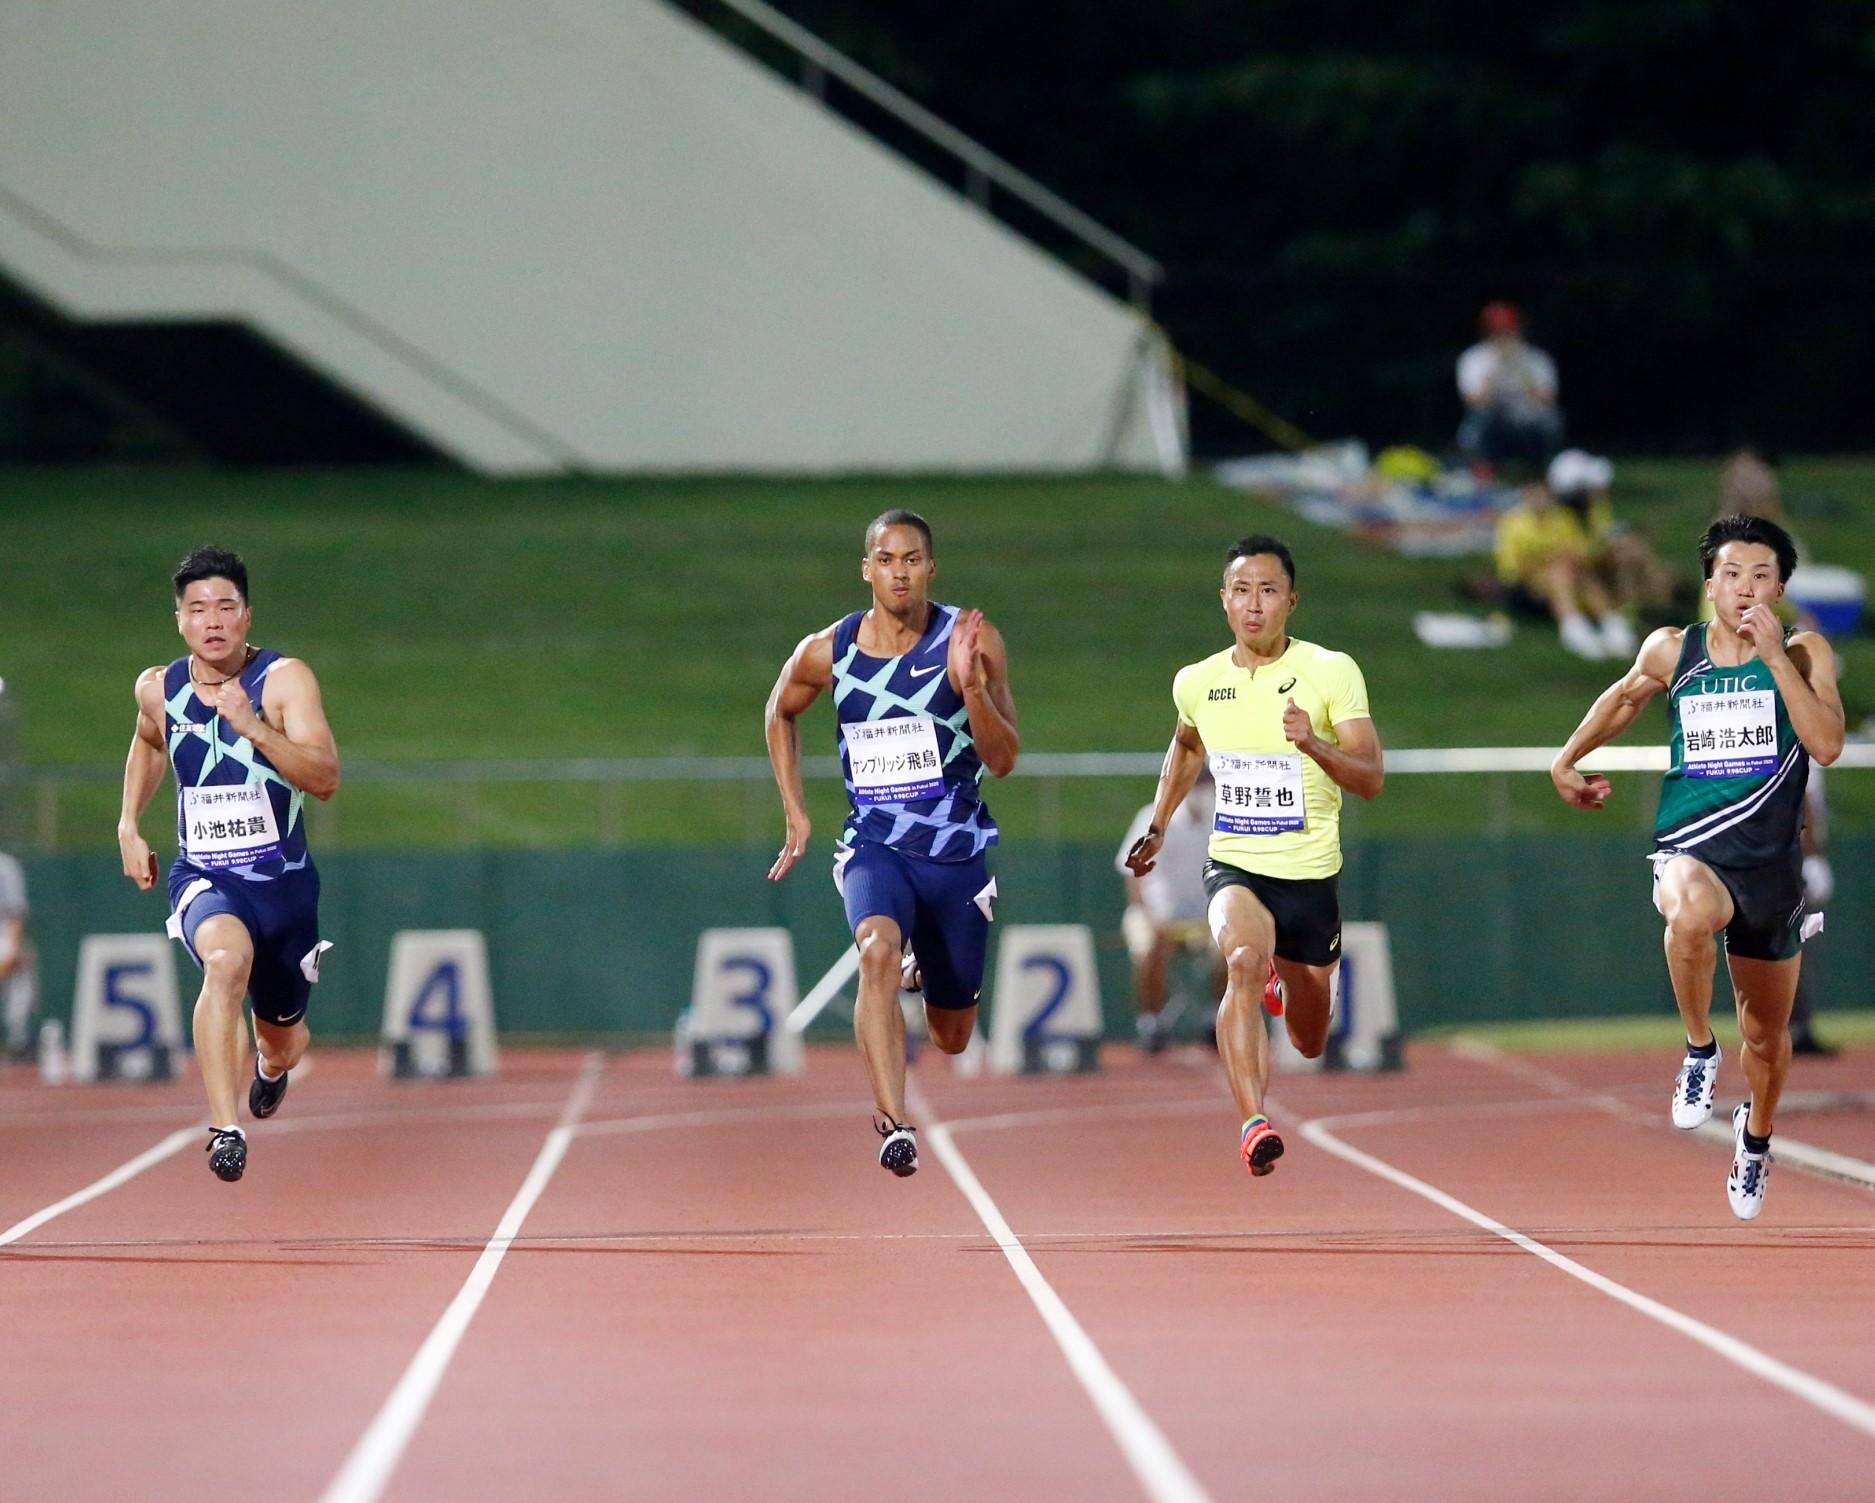 ケンブリッジが10秒03! 日本歴代7位タイの自己新で進化示す/福井ANG2020